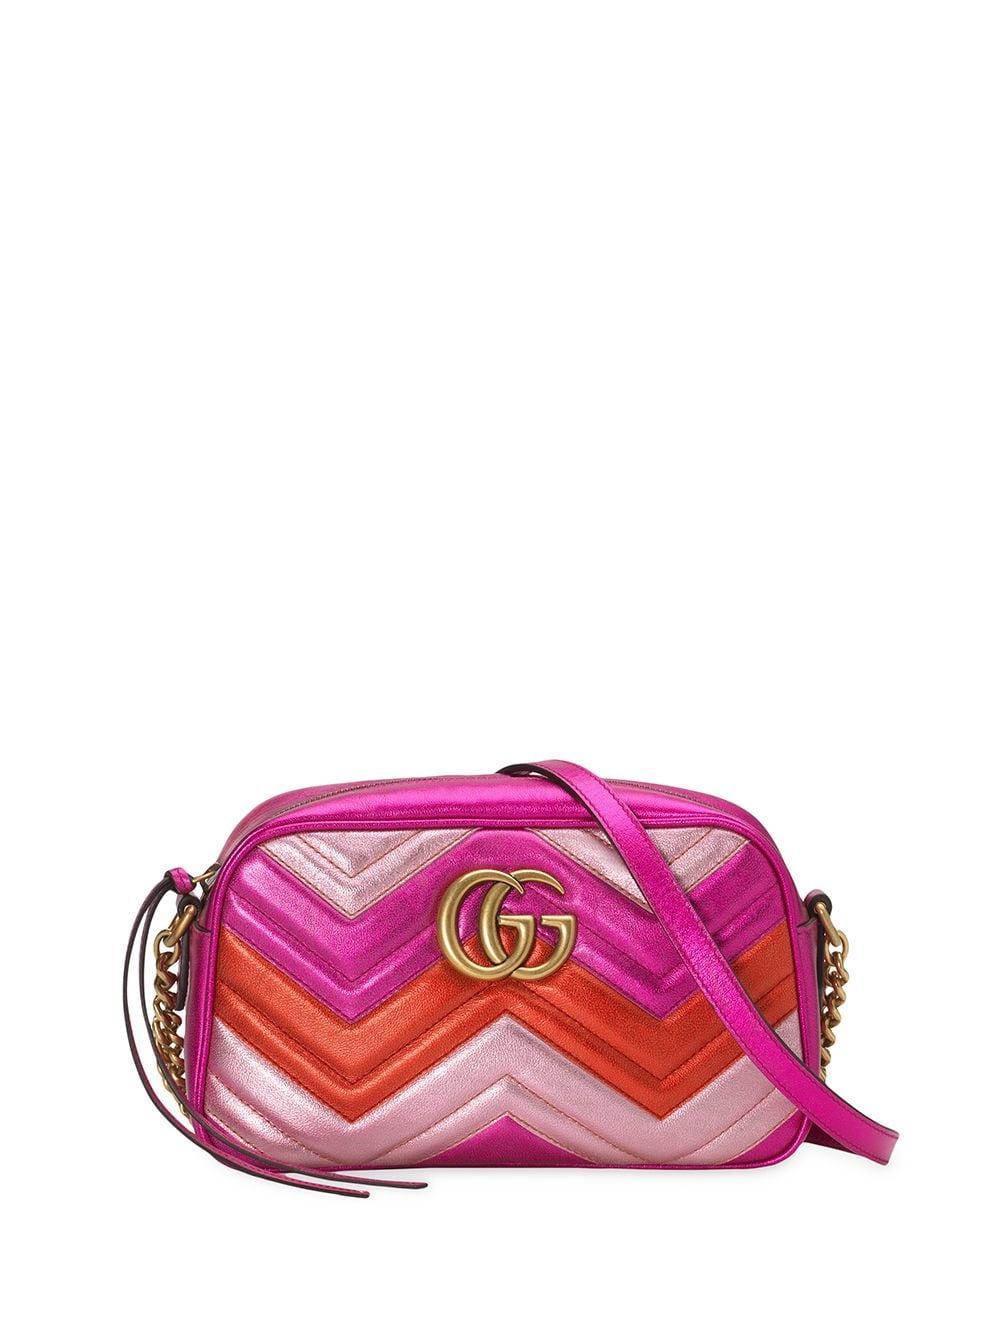 Hombro Rosa Marmont Color Gg Bolso Mujer De v0n8OwmN